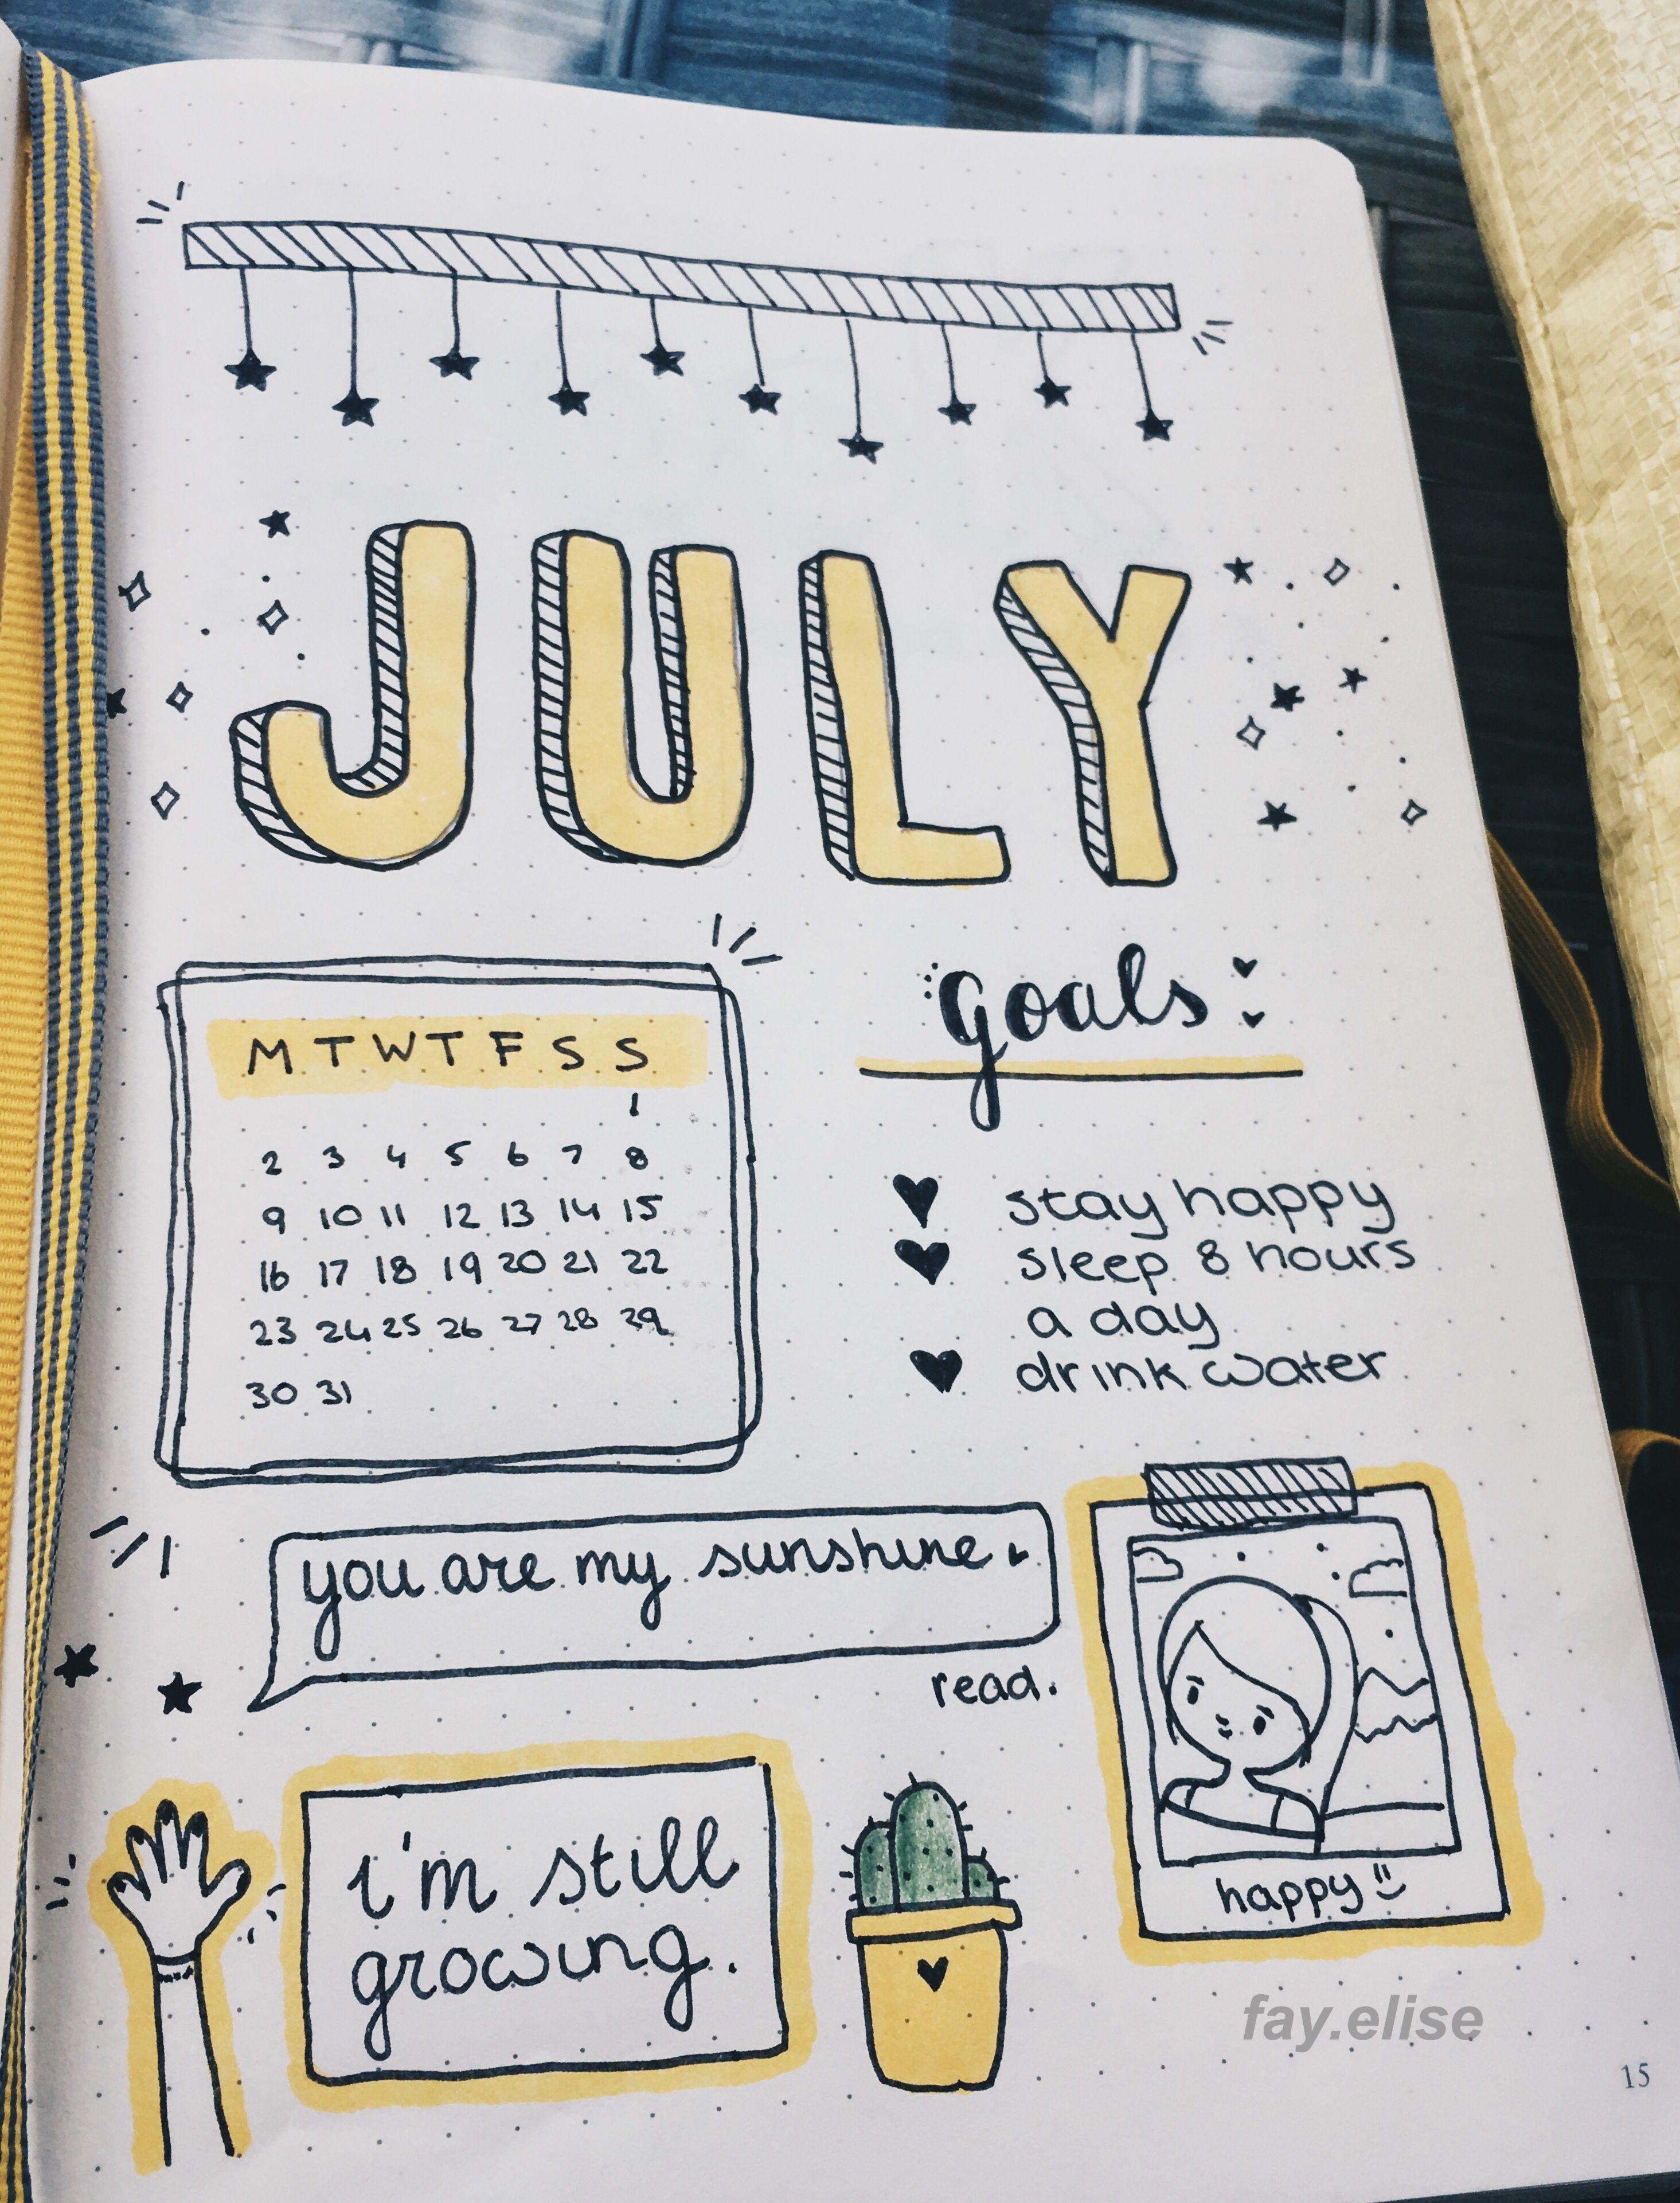 Inspirtion Bullet Journal Ideas For Beginners In Pinterest You'll Love To Inspire You Ne ...  |Pinterest Journal Writing